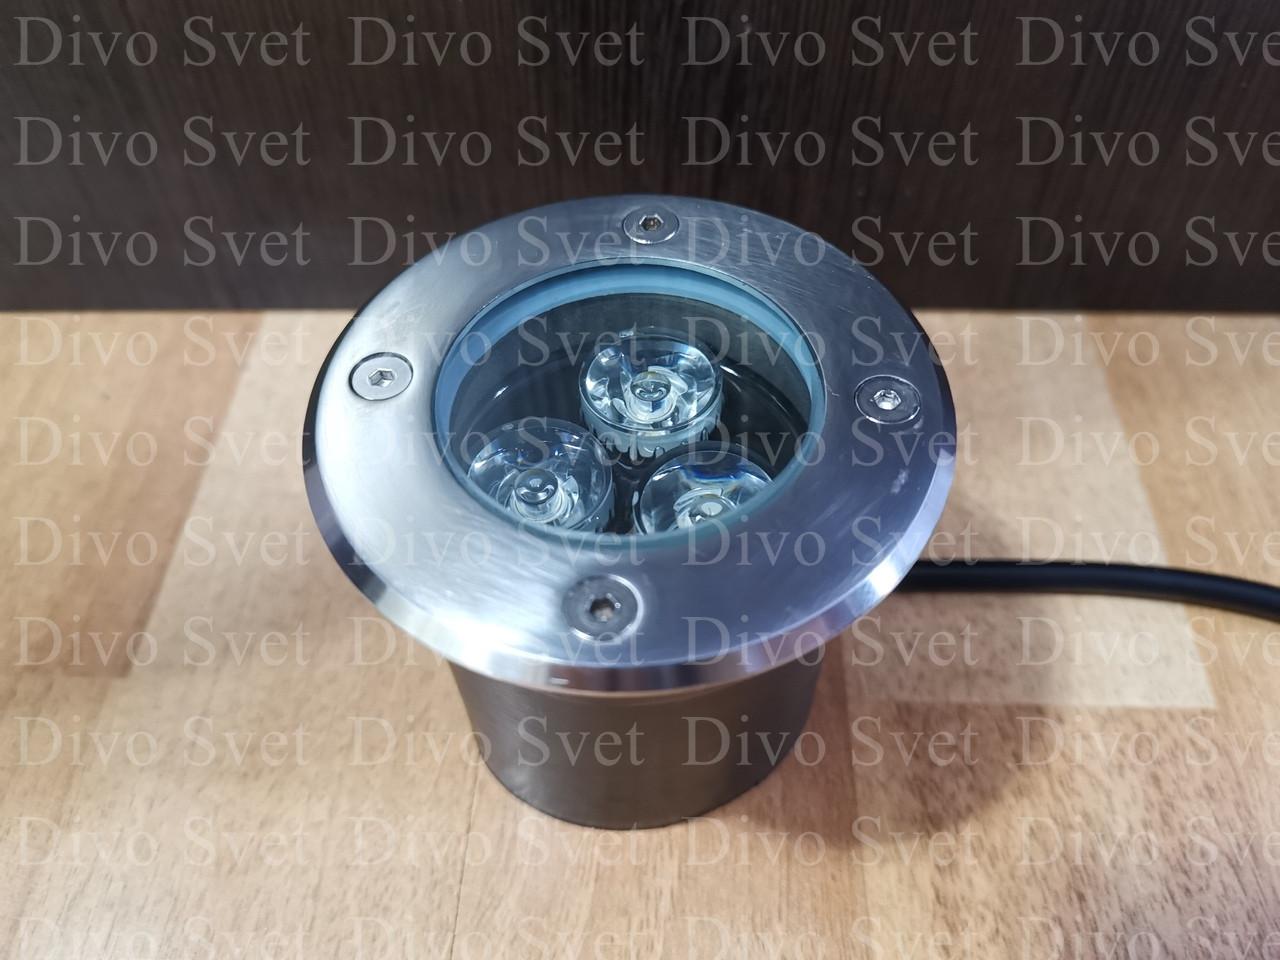 LED грунтовый встраиваемый светильник уличный 3w. Подземный, тротуарный, ландшафтный, архитектурный светильник